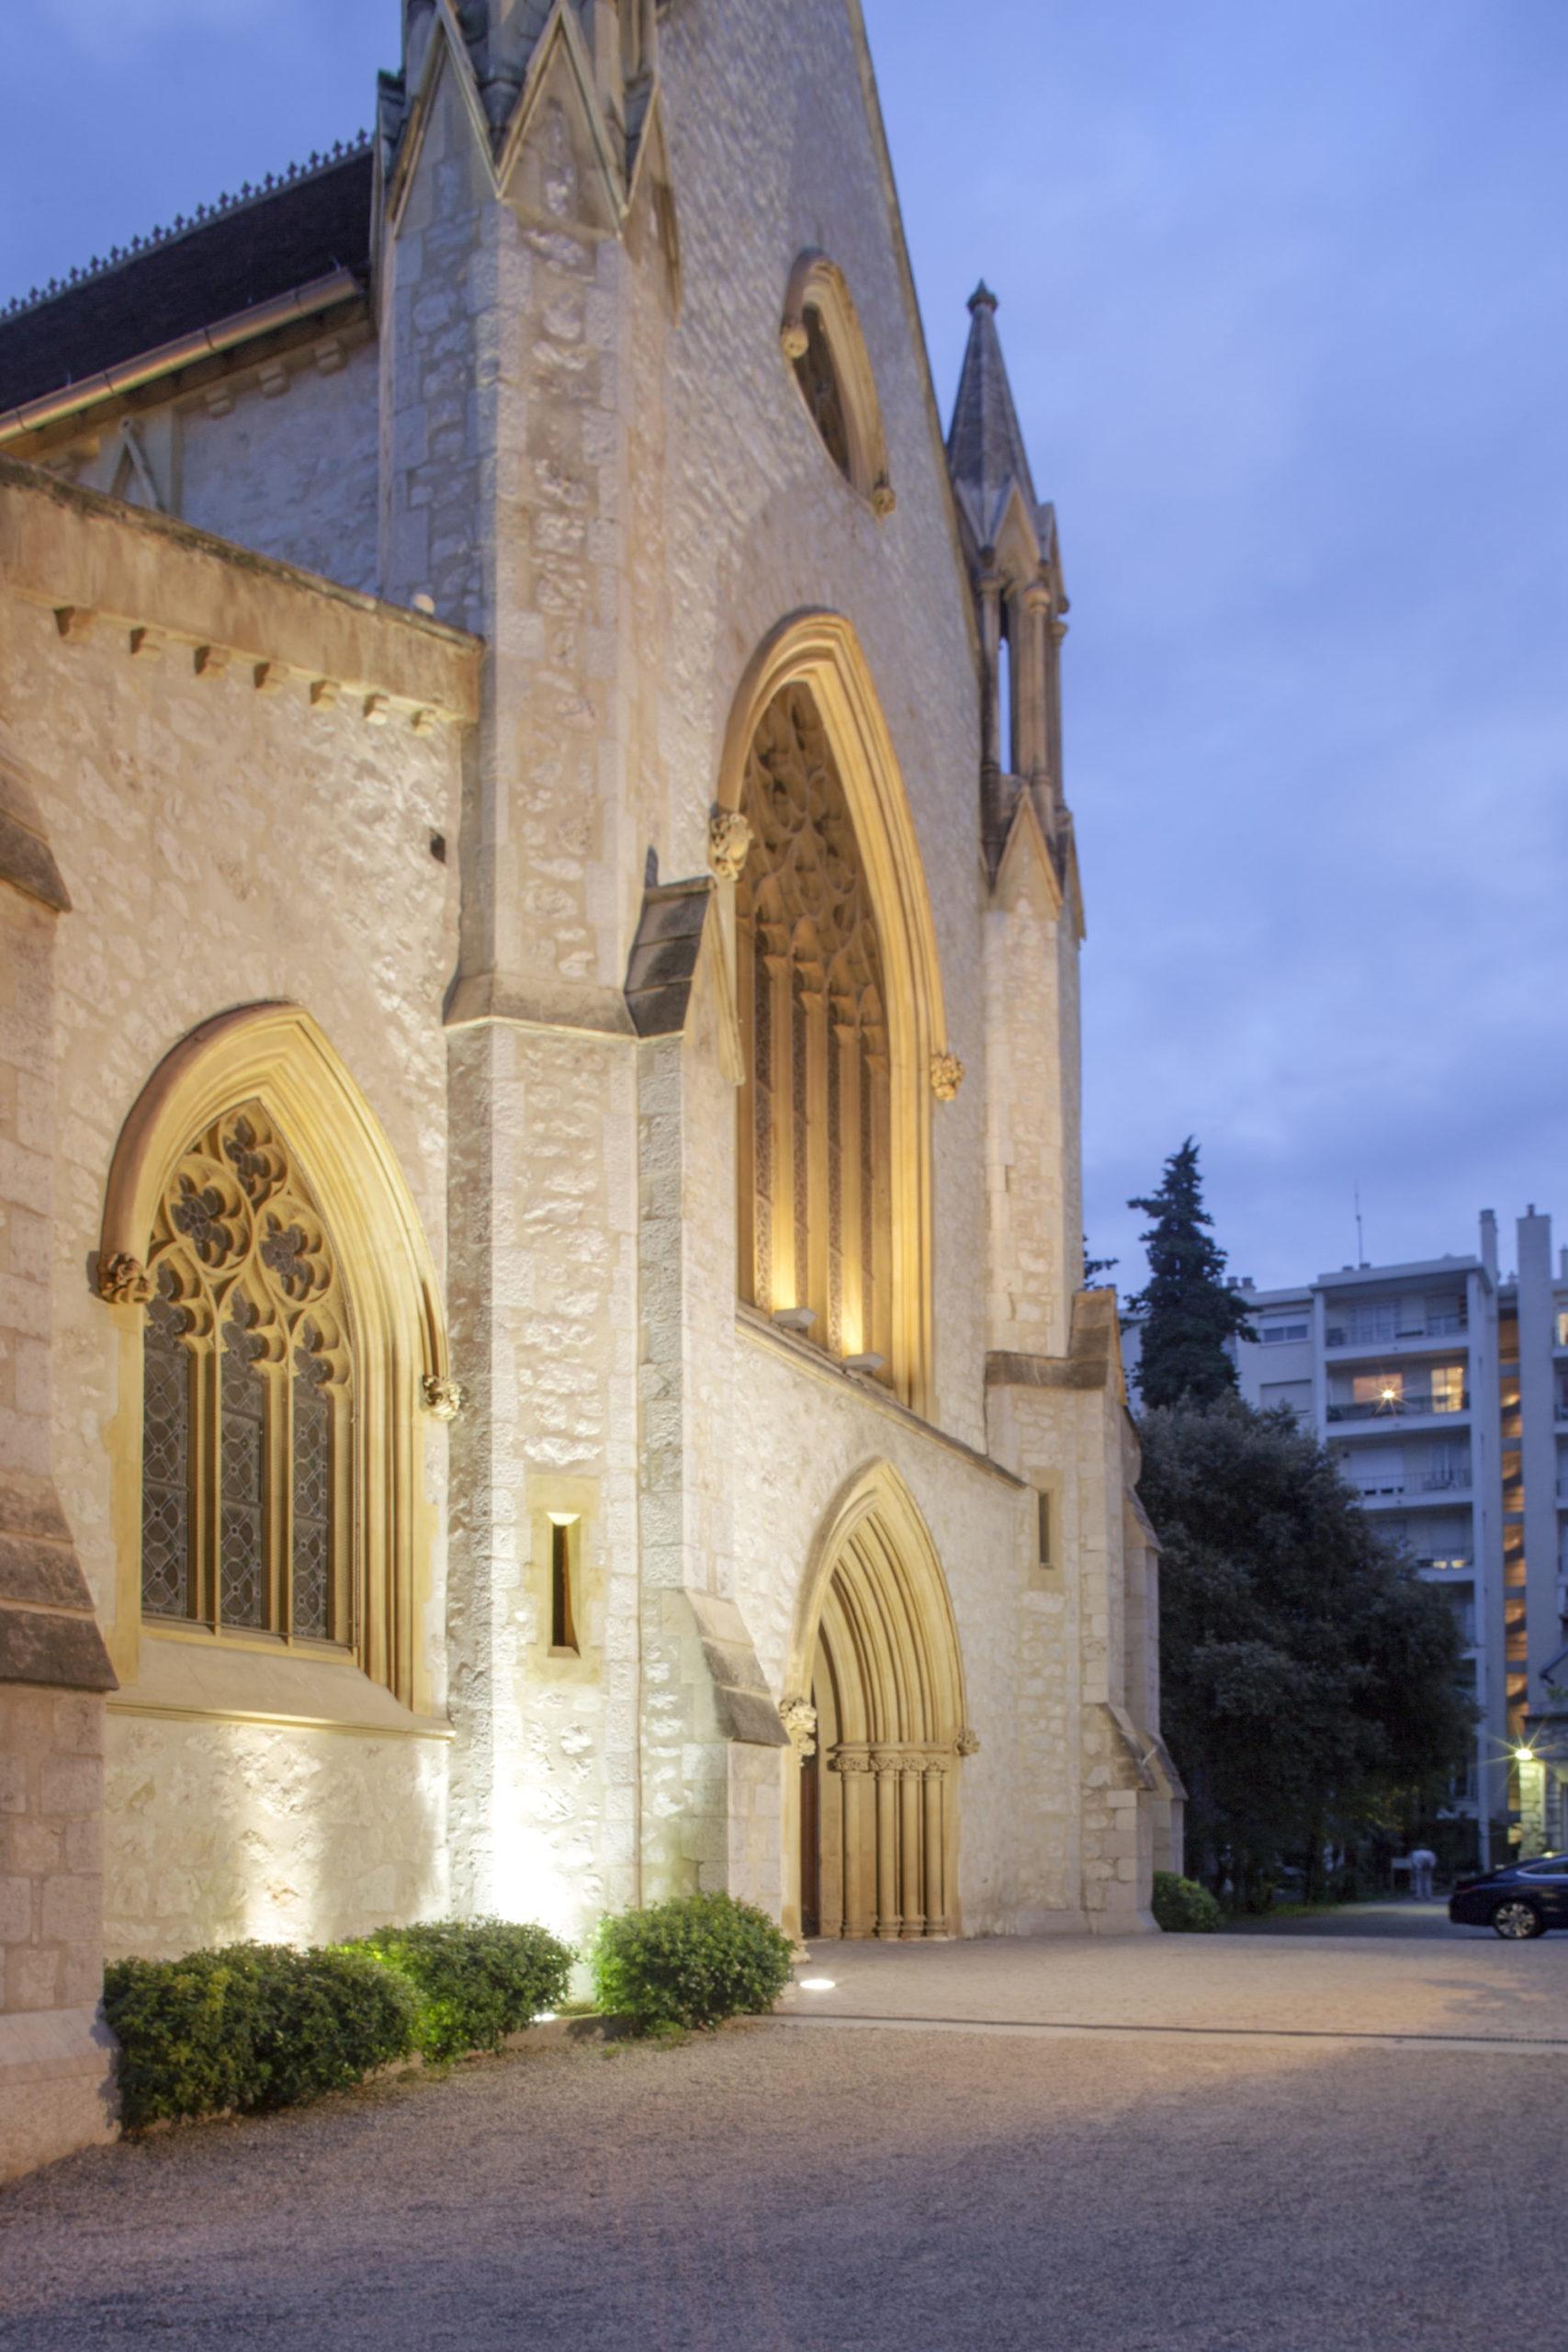 eglise anglicane nice, façade eglise anglicane nice nuit